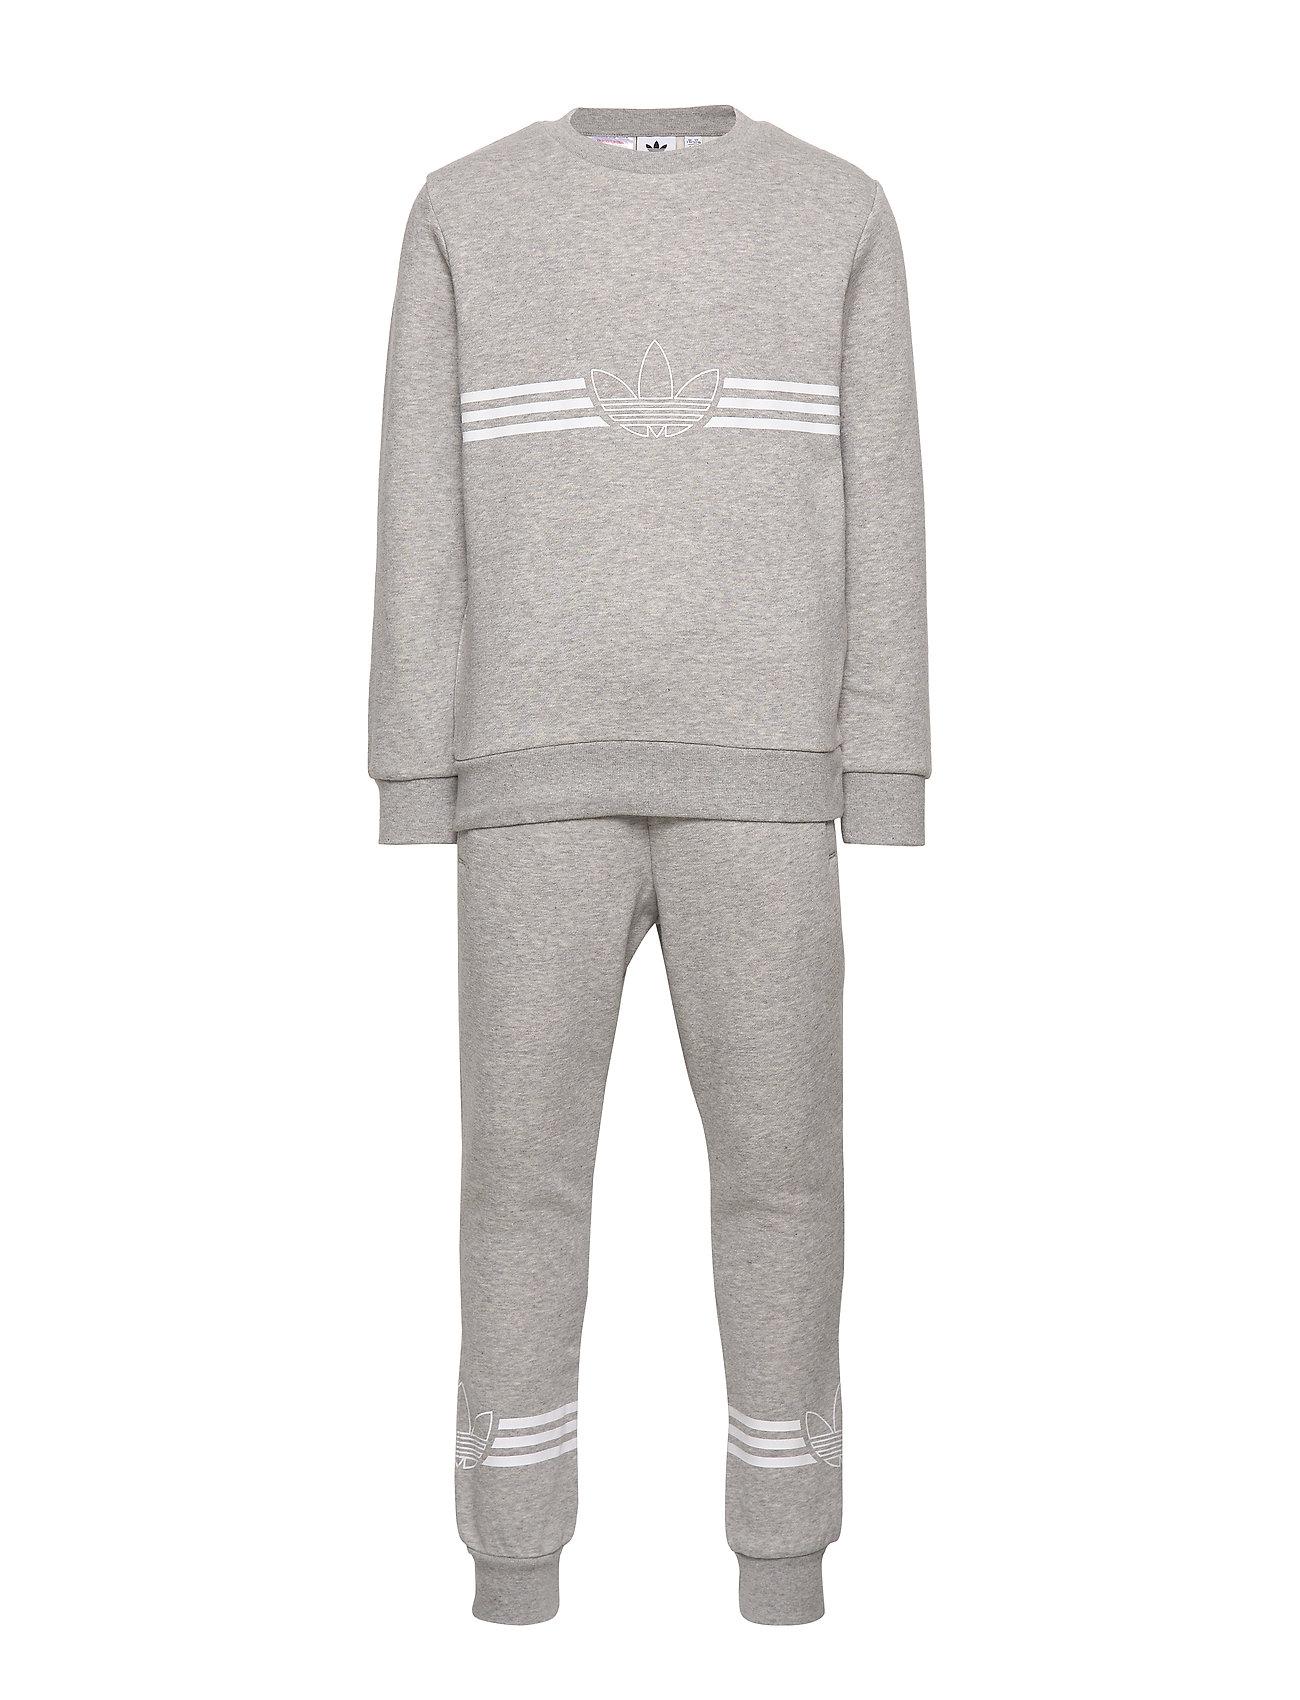 adidas Originals OUTLINE CREW - MGREYH/WHITE